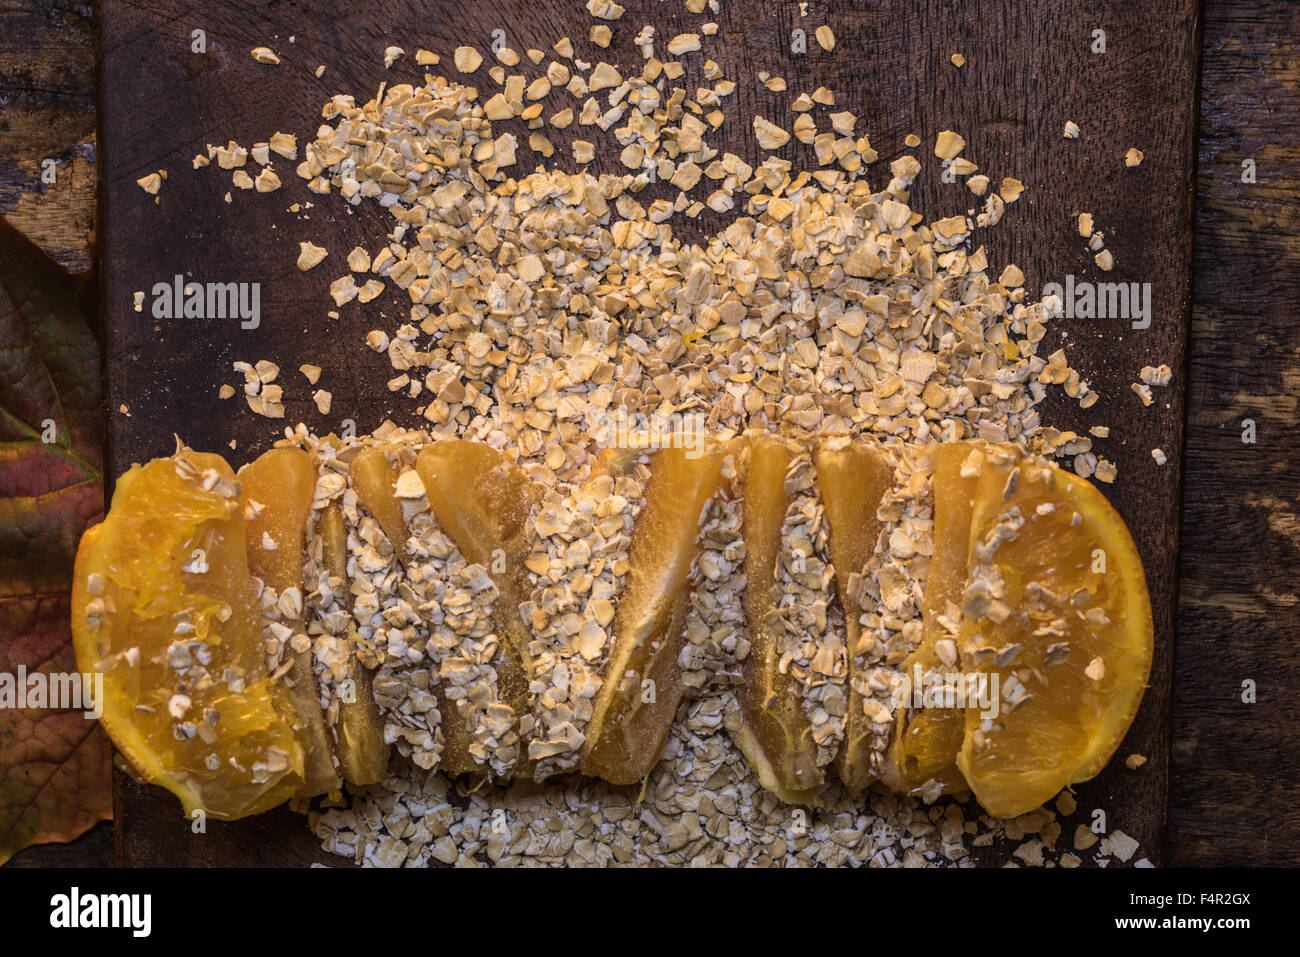 Los copos de avena y naranja sobre una tabla de cortar de madera - Sinergia de alimentos, comida sana combinación Imagen De Stock